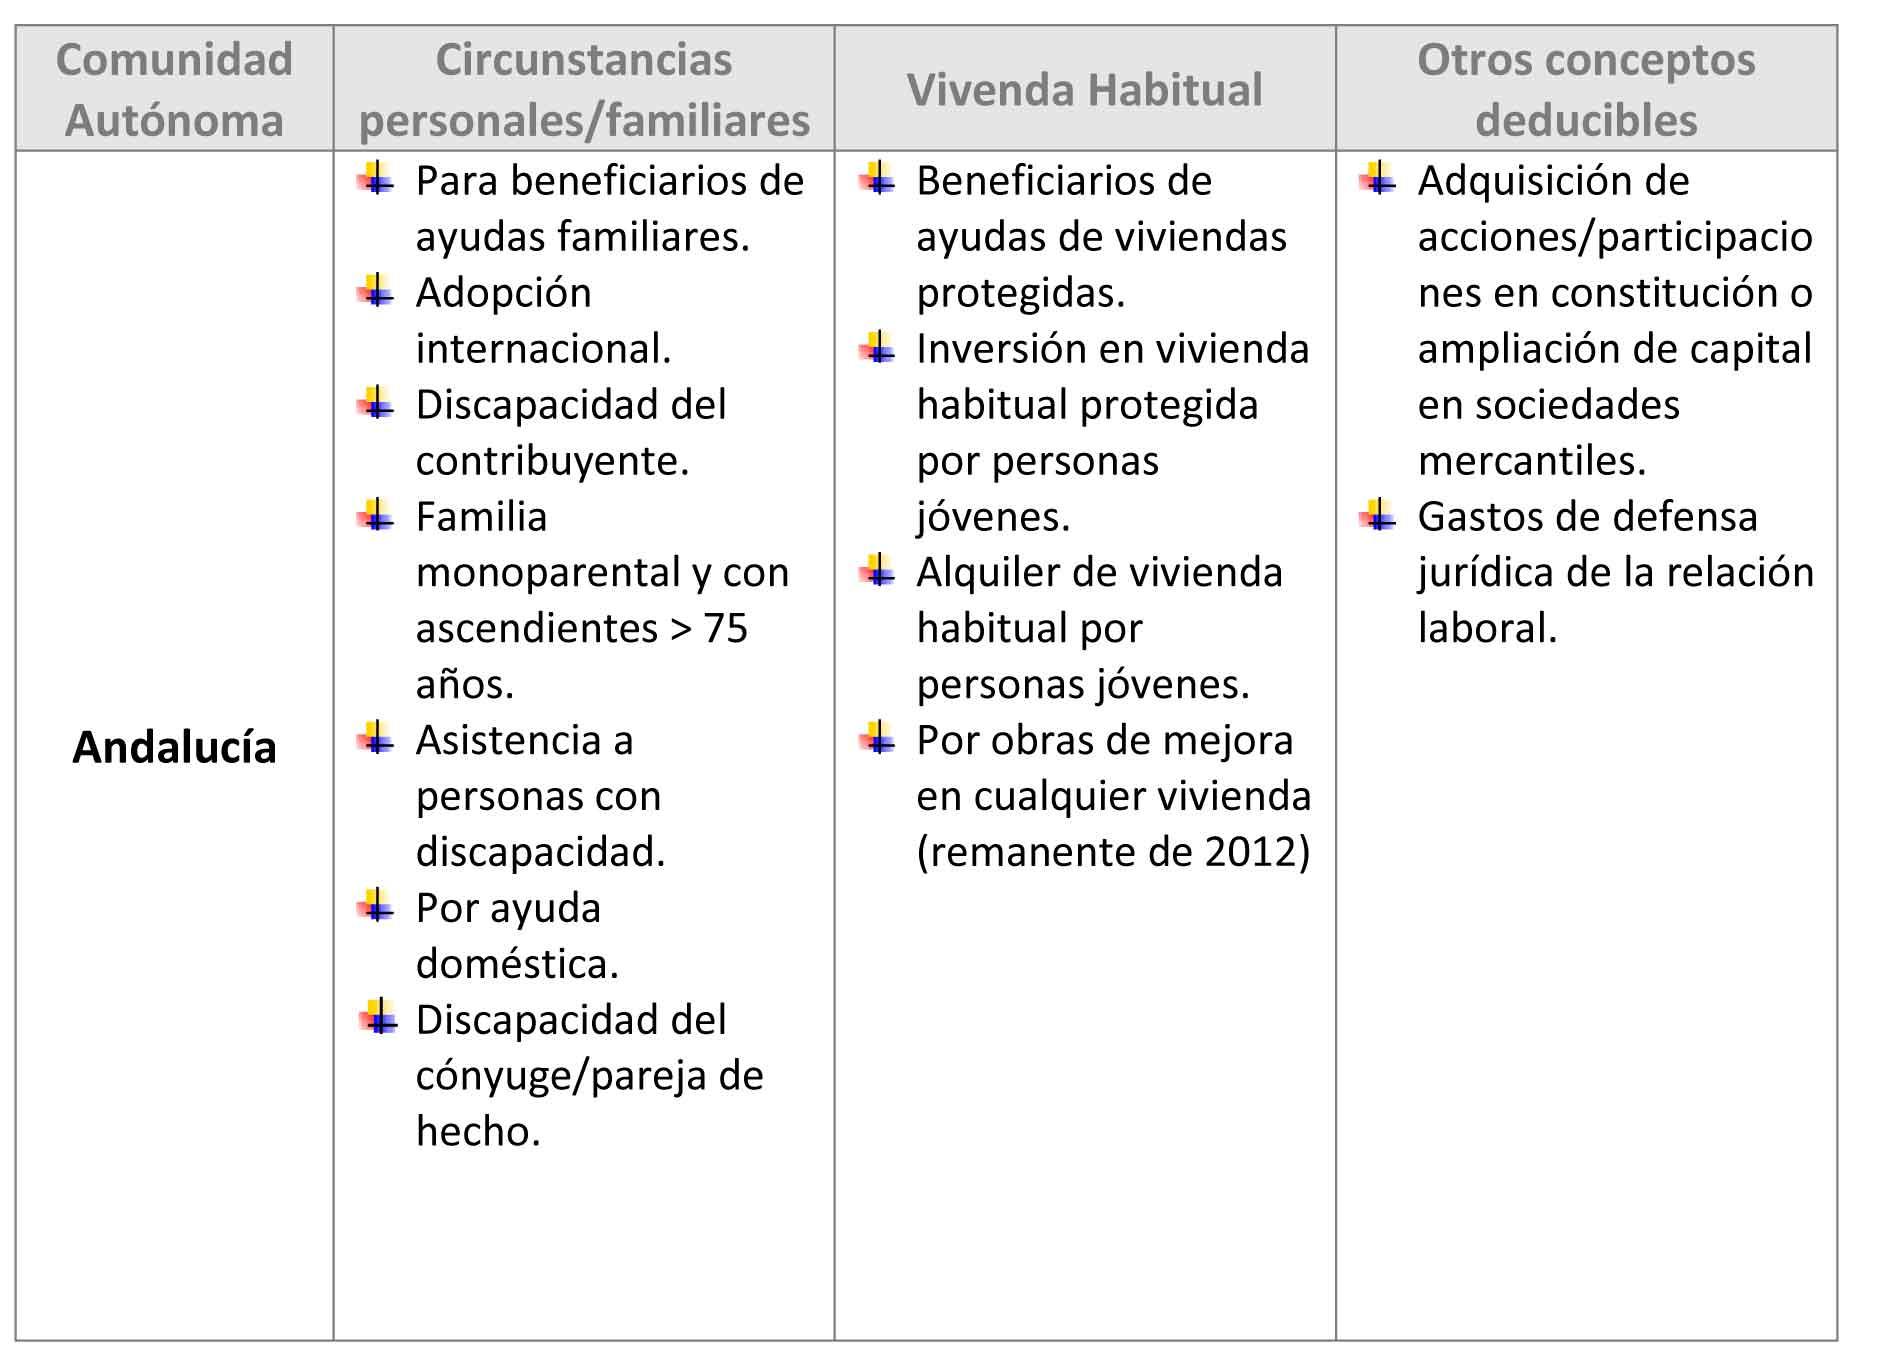 Cuadro de deducciones en la renta 2013